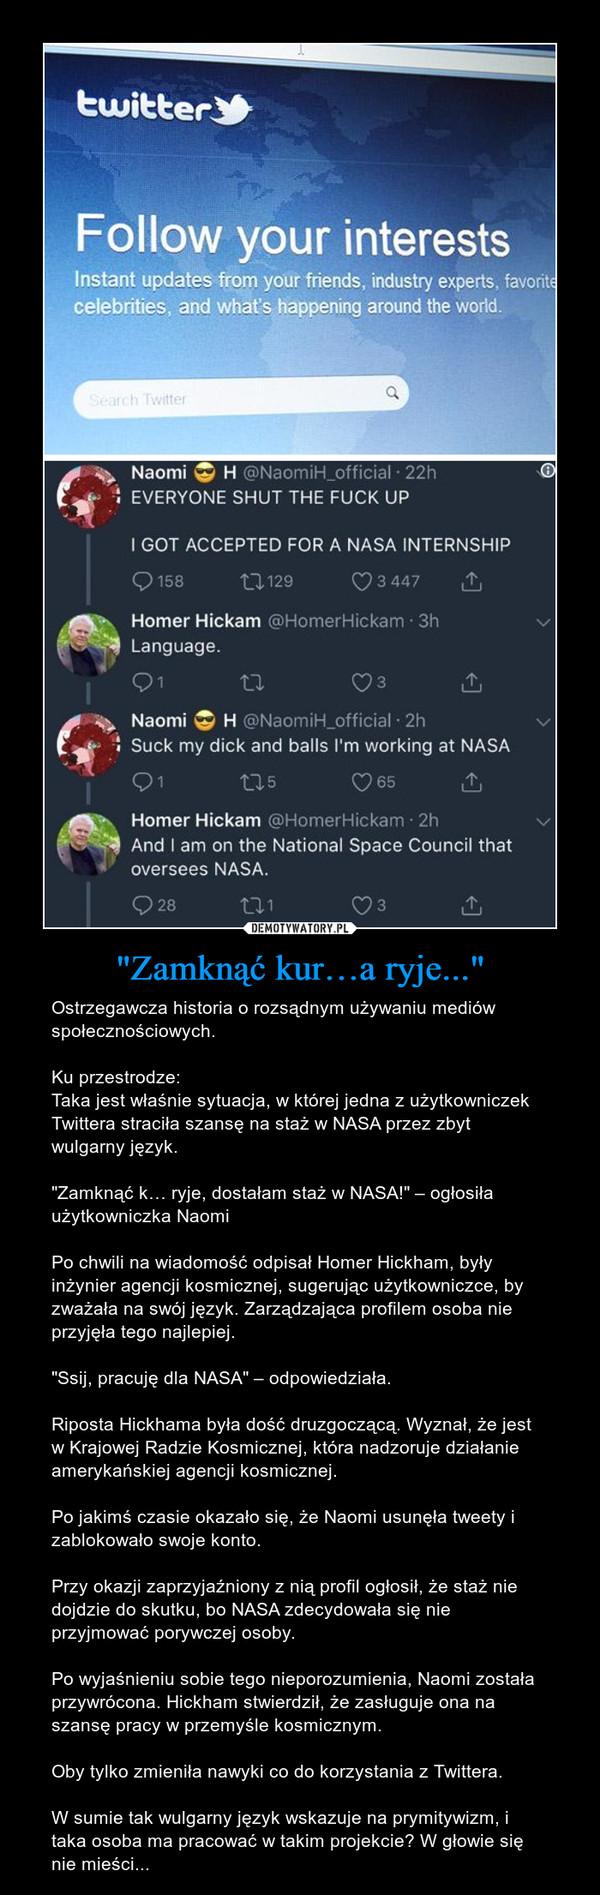 """""""Zamknąć kur…a ryje..."""" – Ostrzegawcza historia o rozsądnym używaniu mediów społecznościowych.Ku przestrodze:Taka jest właśnie sytuacja, w której jedna z użytkowniczek Twittera straciła szansę na staż w NASA przez zbyt wulgarny język.""""Zamknąć k… ryje, dostałam staż w NASA!"""" – ogłosiła użytkowniczka NaomiPo chwili na wiadomość odpisał Homer Hickham, były inżynier agencji kosmicznej, sugerując użytkowniczce, by zważała na swój język. Zarządzająca profilem osoba nie przyjęła tego najlepiej.""""Ssij, pracuję dla NASA"""" – odpowiedziała.Riposta Hickhama była dość druzgoczącą. Wyznał, że jest w Krajowej Radzie Kosmicznej, która nadzoruje działanie amerykańskiej agencji kosmicznej.Po jakimś czasie okazało się, że Naomi usunęła tweety i zablokowało swoje konto.Przy okazji zaprzyjaźniony z nią profil ogłosił, że staż nie dojdzie do skutku, bo NASA zdecydowała się nie przyjmować porywczej osoby.Po wyjaśnieniu sobie tego nieporozumienia, Naomi została przywrócona. Hickham stwierdził, że zasługuje ona na szansę pracy w przemyśle kosmicznym.Oby tylko zmieniła nawyki co do korzystania z Twittera.W sumie tak wulgarny język wskazuje na prymitywizm, i taka osoba ma pracować w takim projekcie? W głowie się nie mieści..."""